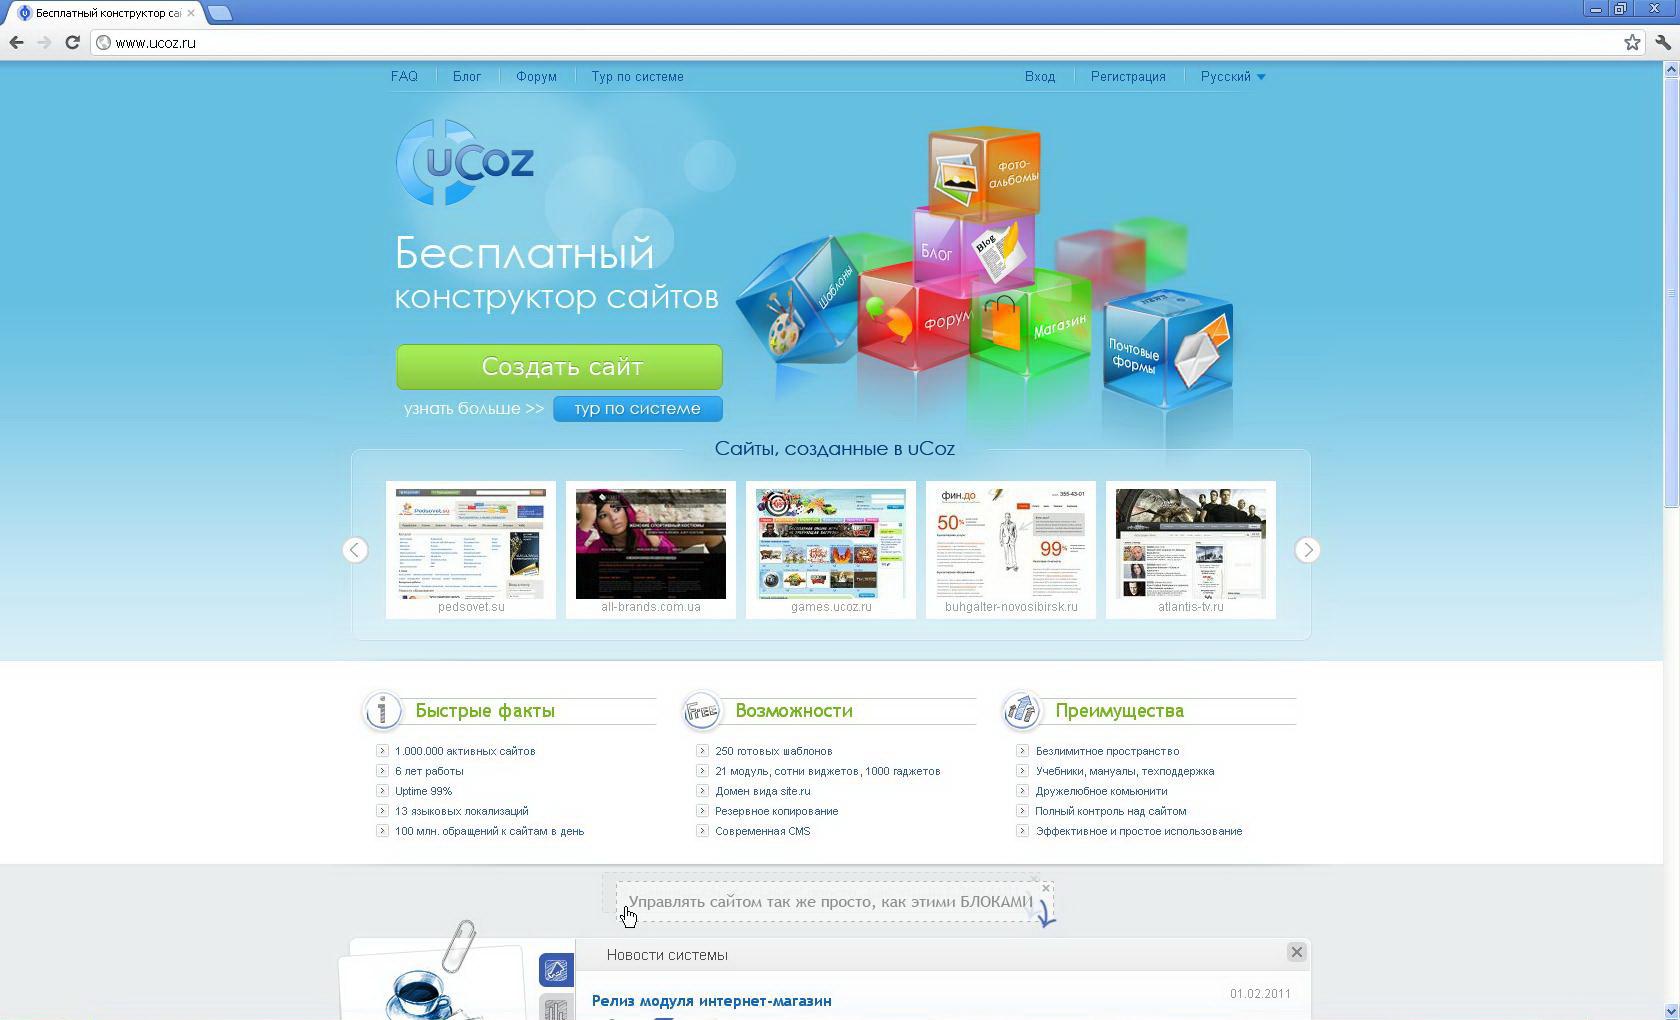 Способы борьбы с ними 5 бесплатный хостинг ucoz как установить движок сайта на denwer